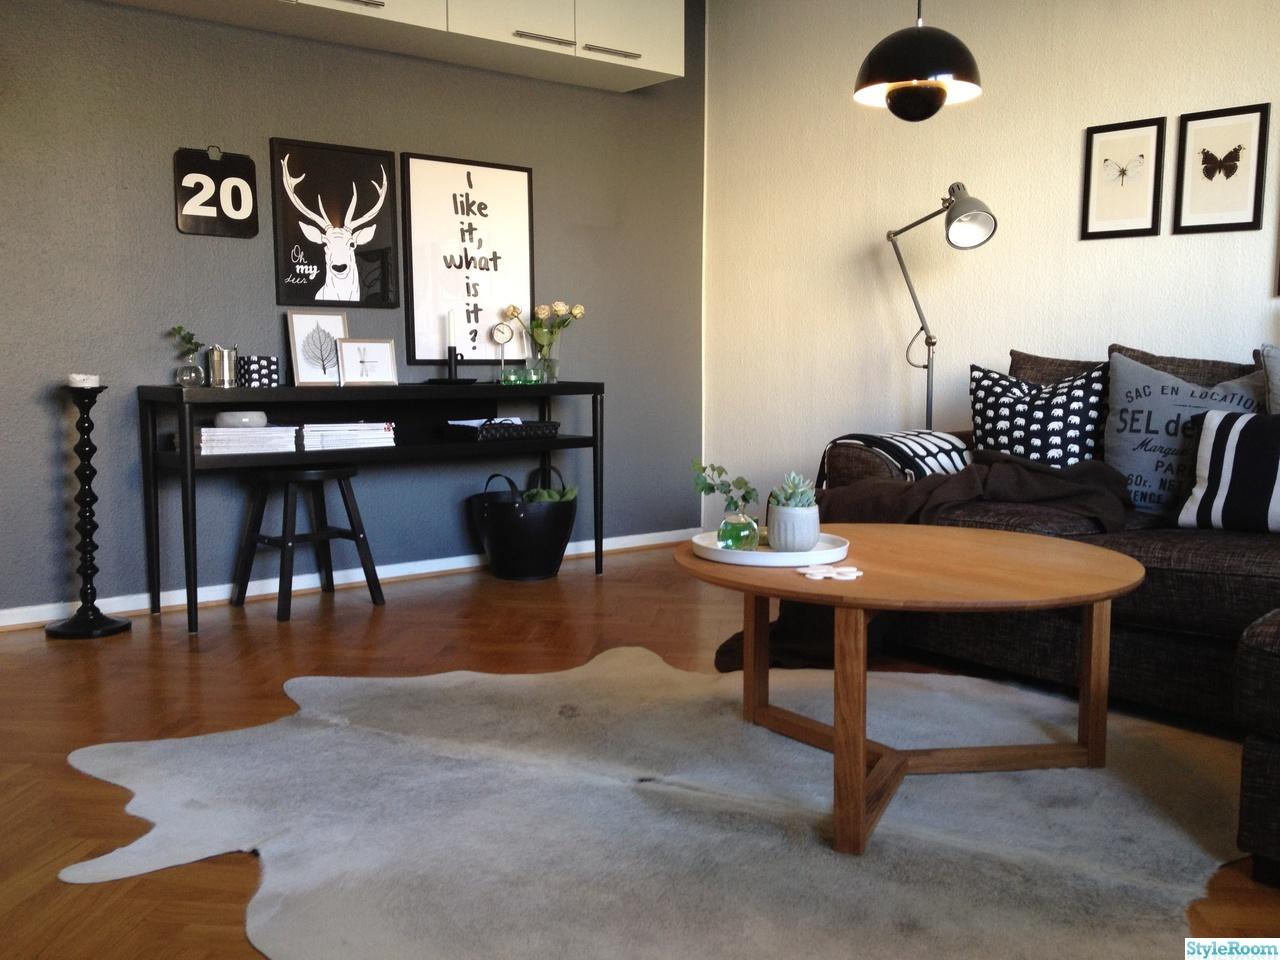 Vår lägenhet, 49kvm! Ett inredningsalbum på StyleRoom av